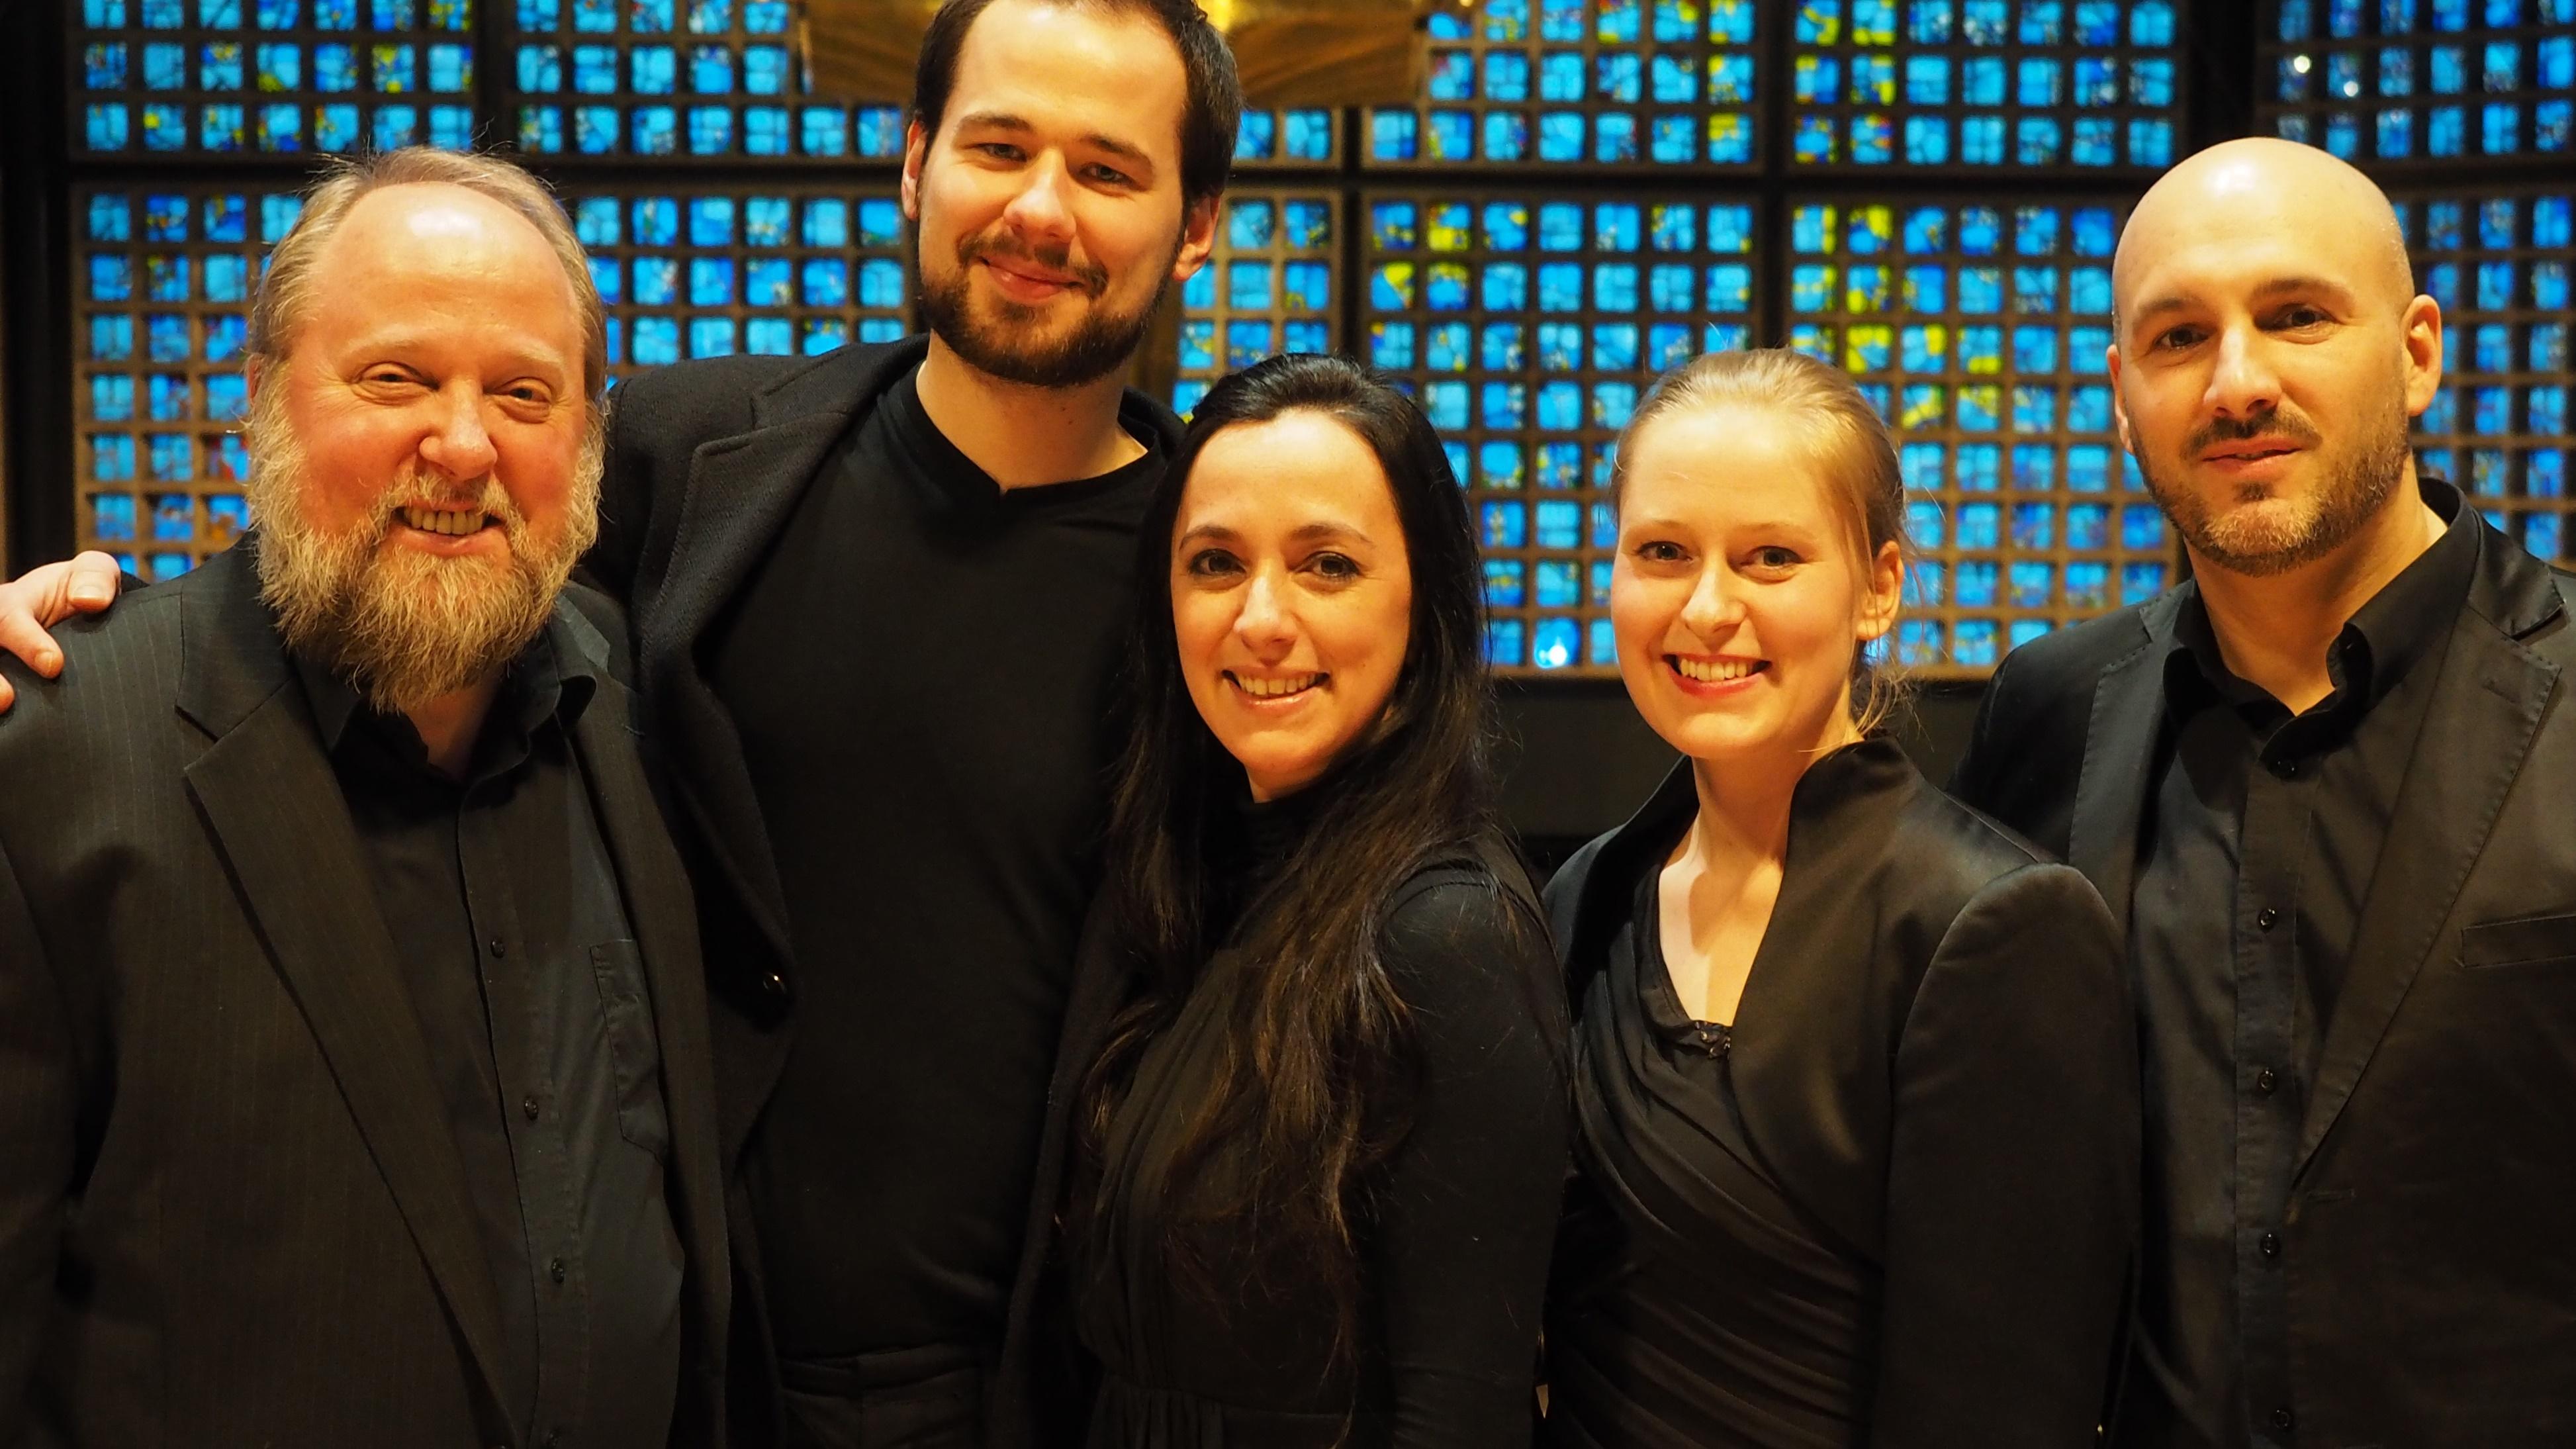 Die Vokalsolisten der Kaiser-Wilhem-Gedächtnis-Kirche